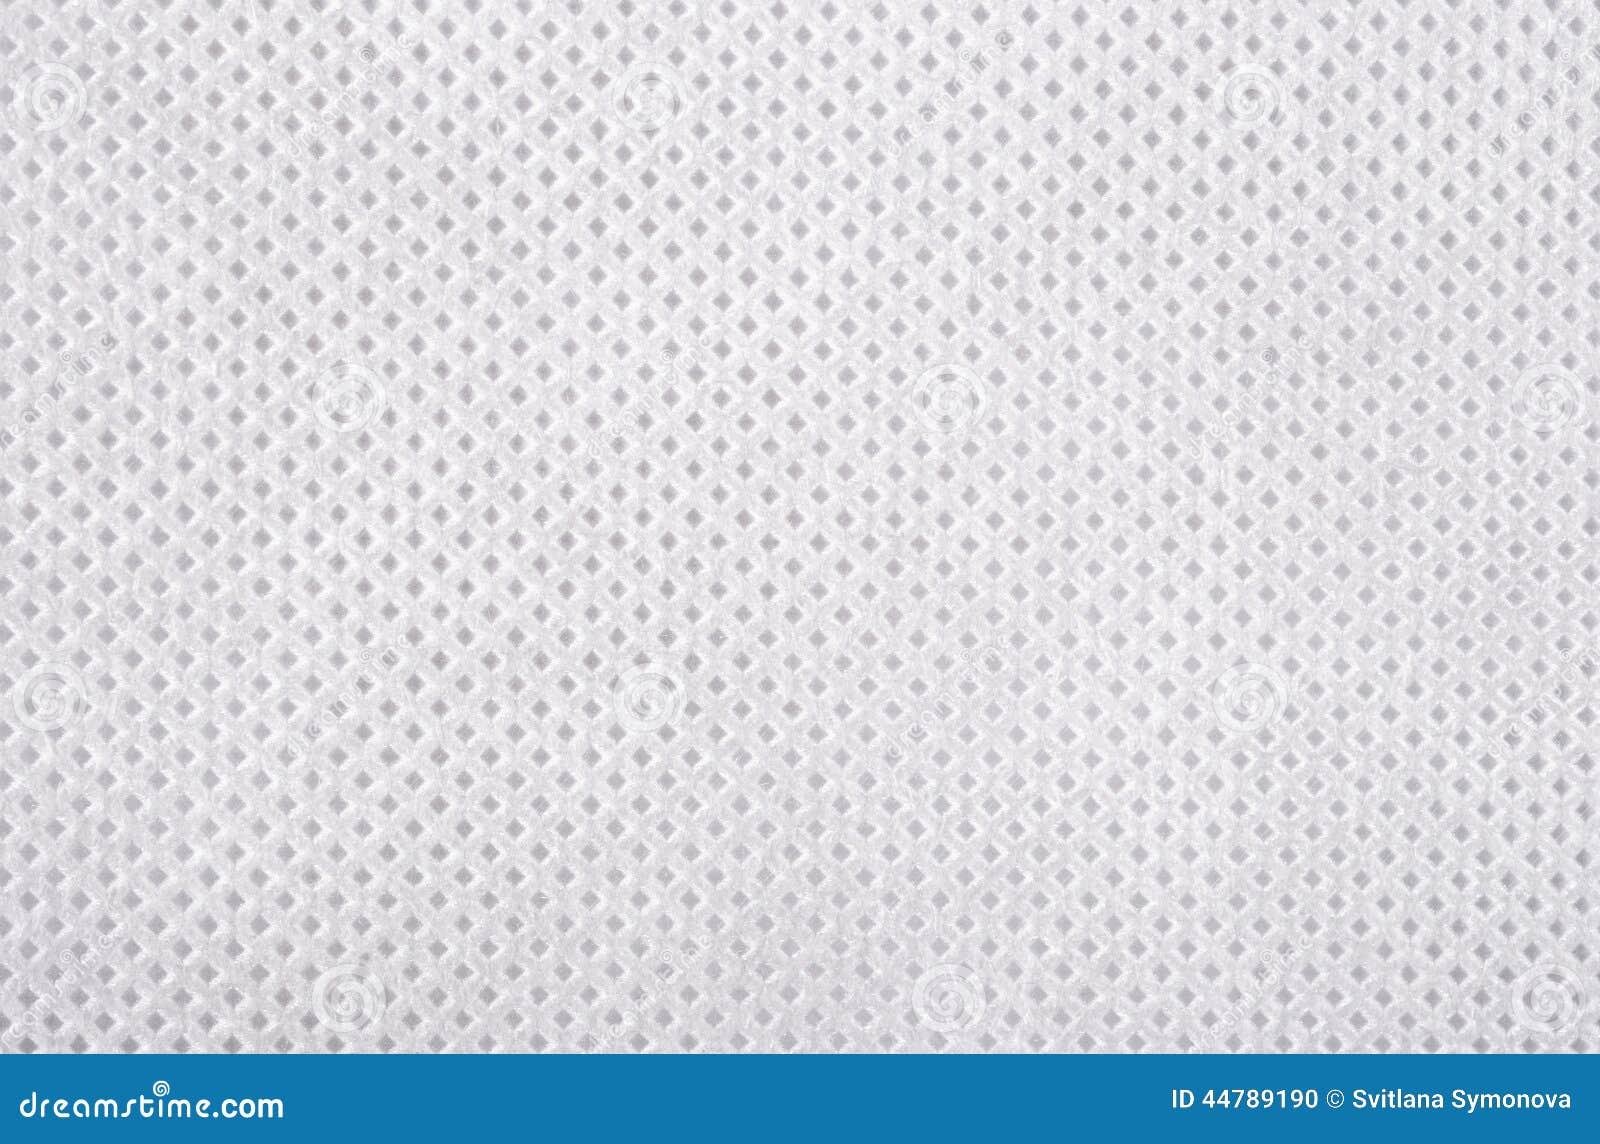 Witte niet-geweven stoffentextuur